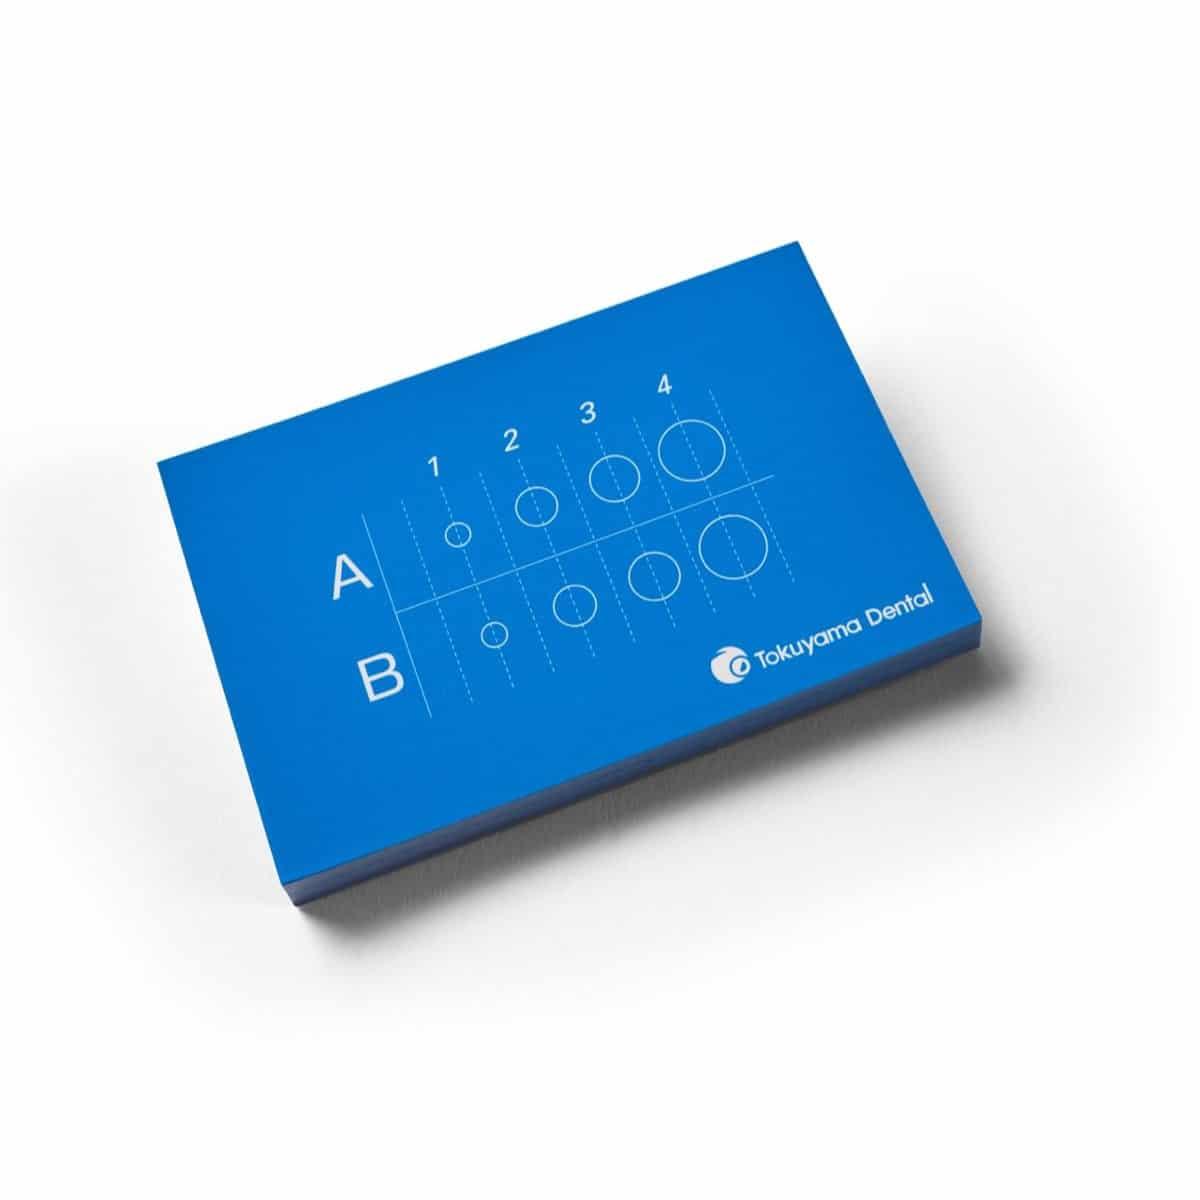 blueboxab